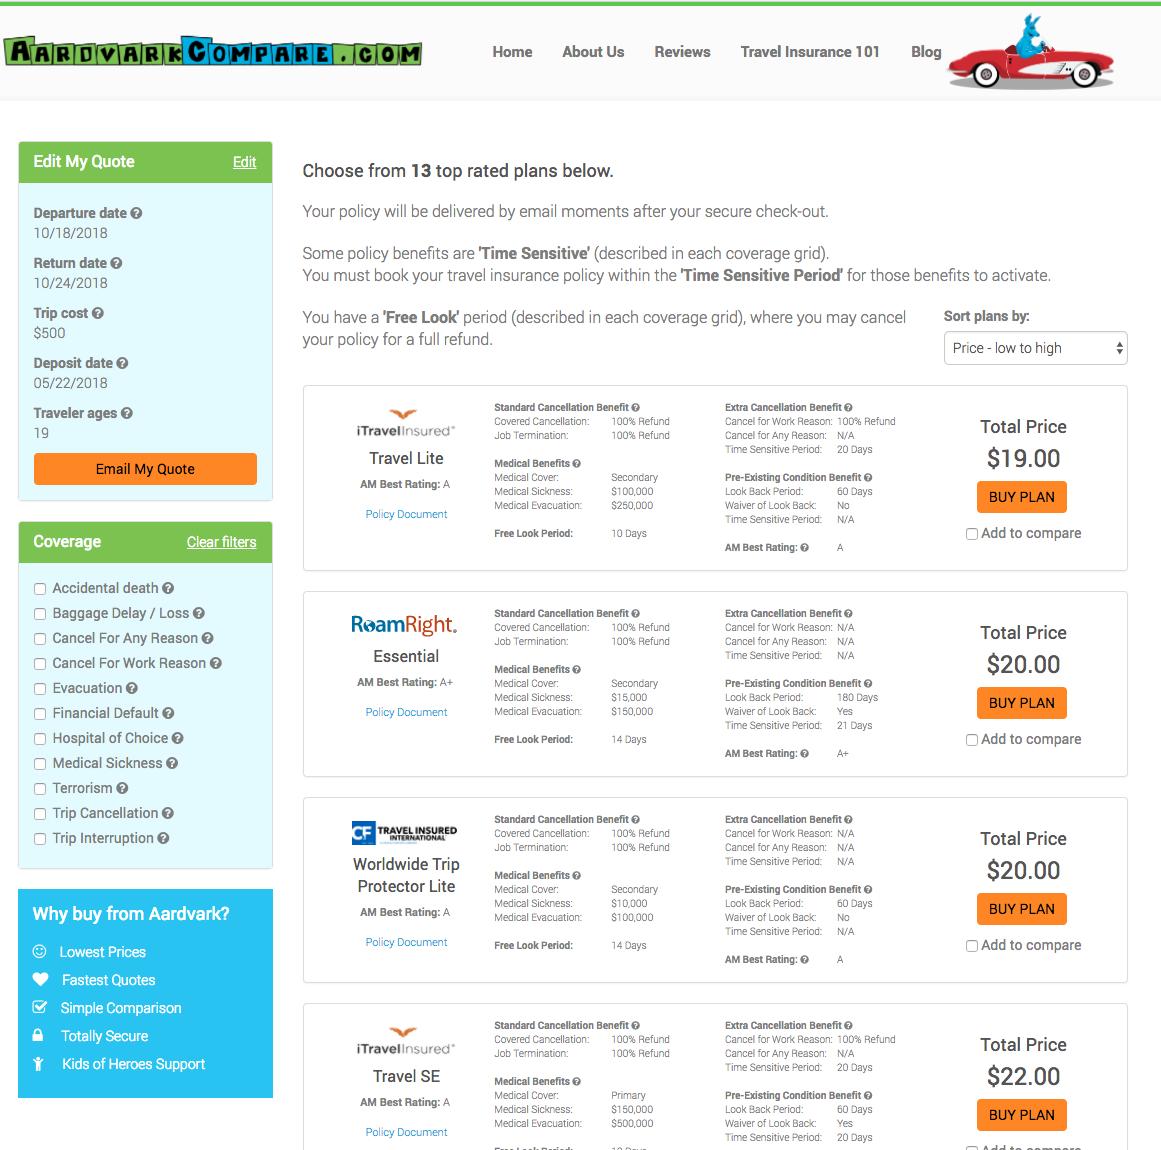 Teen-Travel-Insurance-AardvarkCompare-Options | AardvarkCompare.com